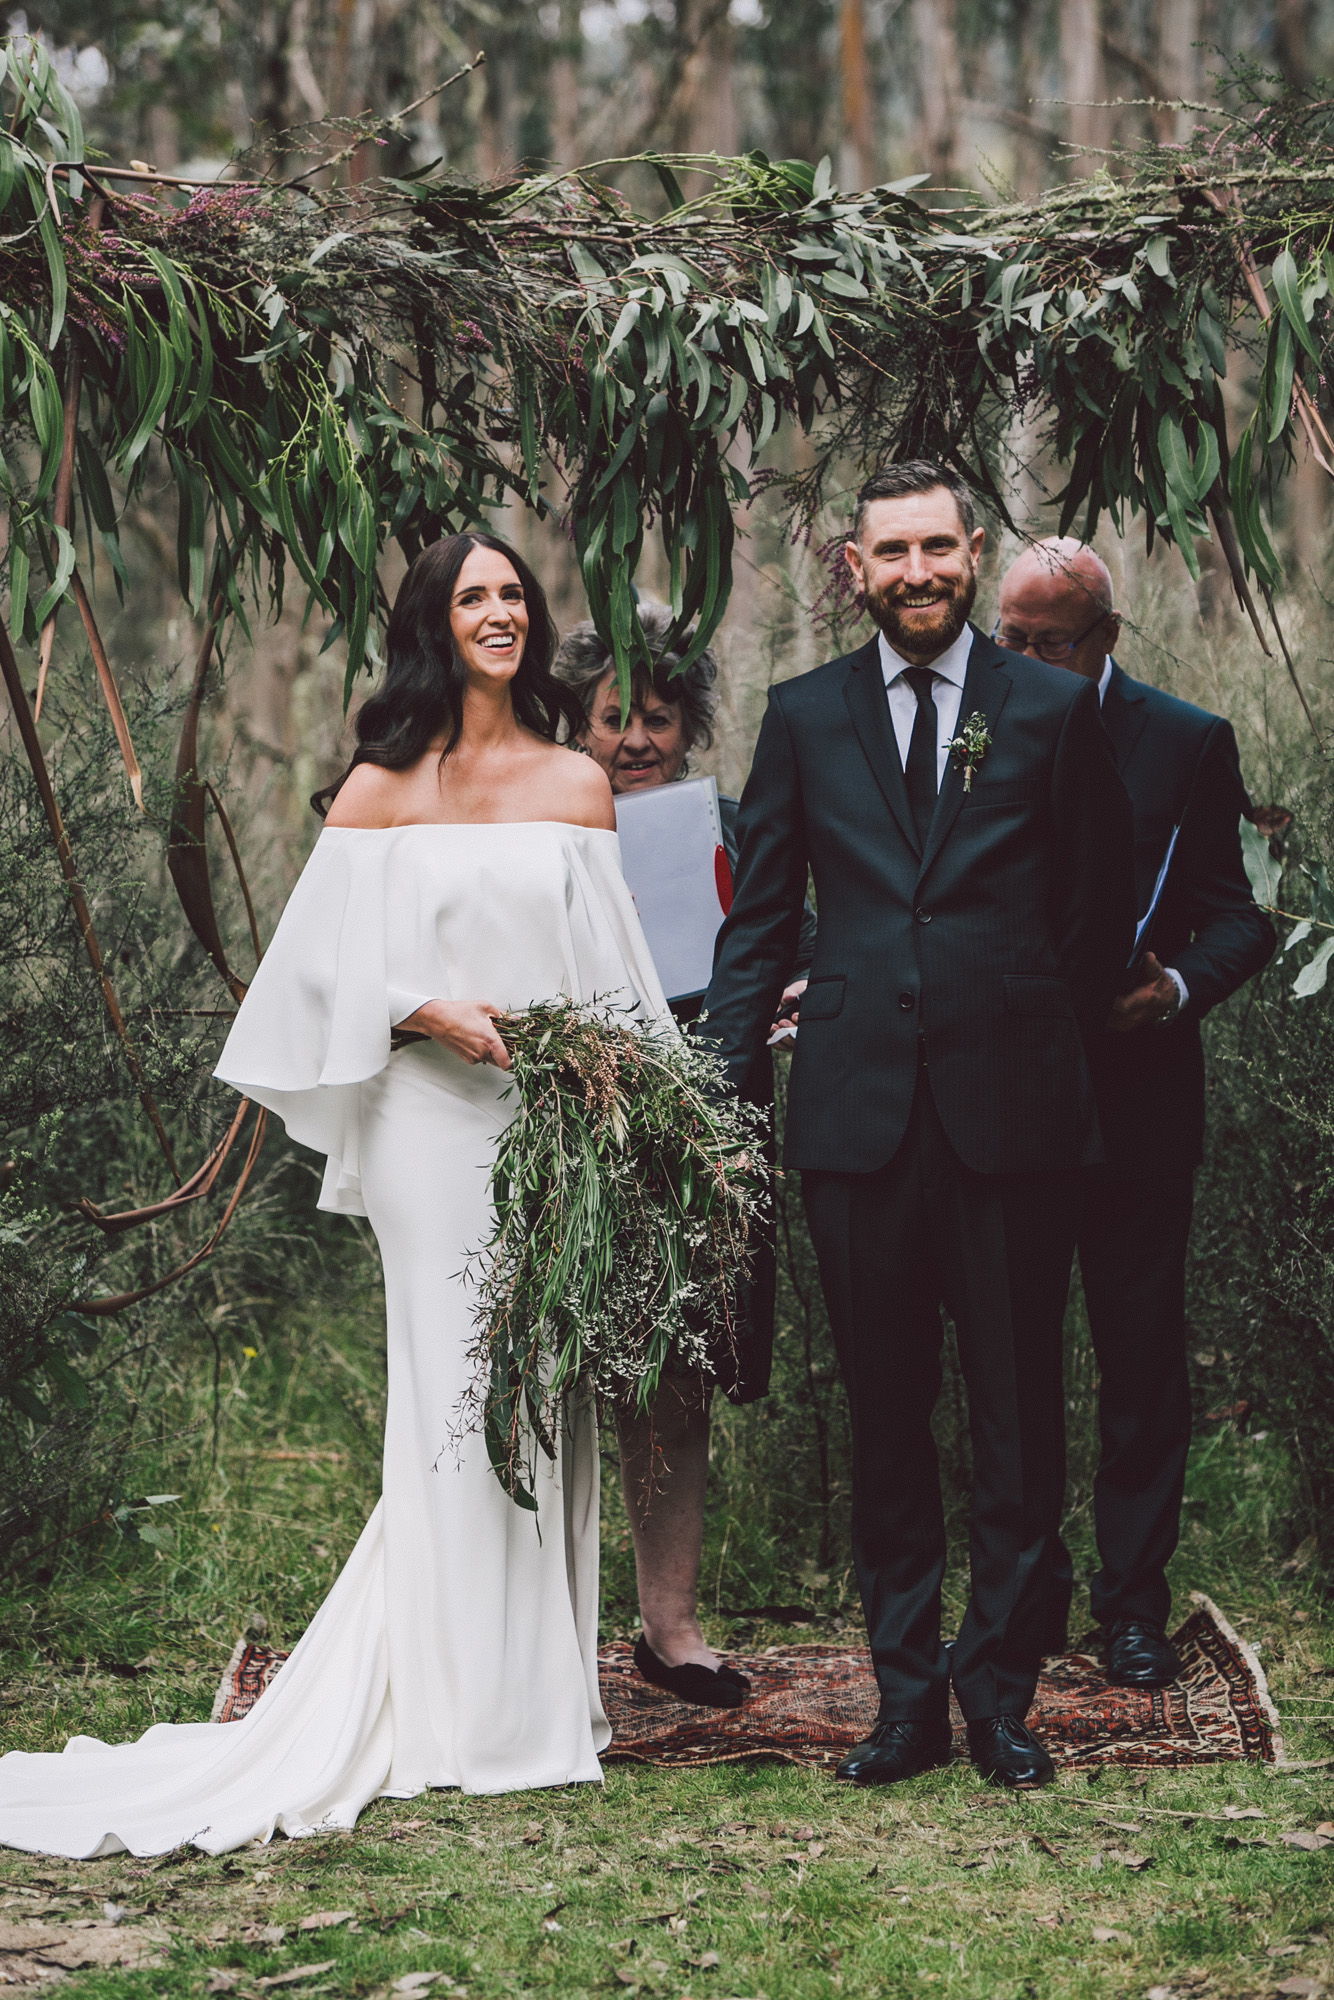 Poronui_Wedding_Sarah_McEvoy_055.jpg